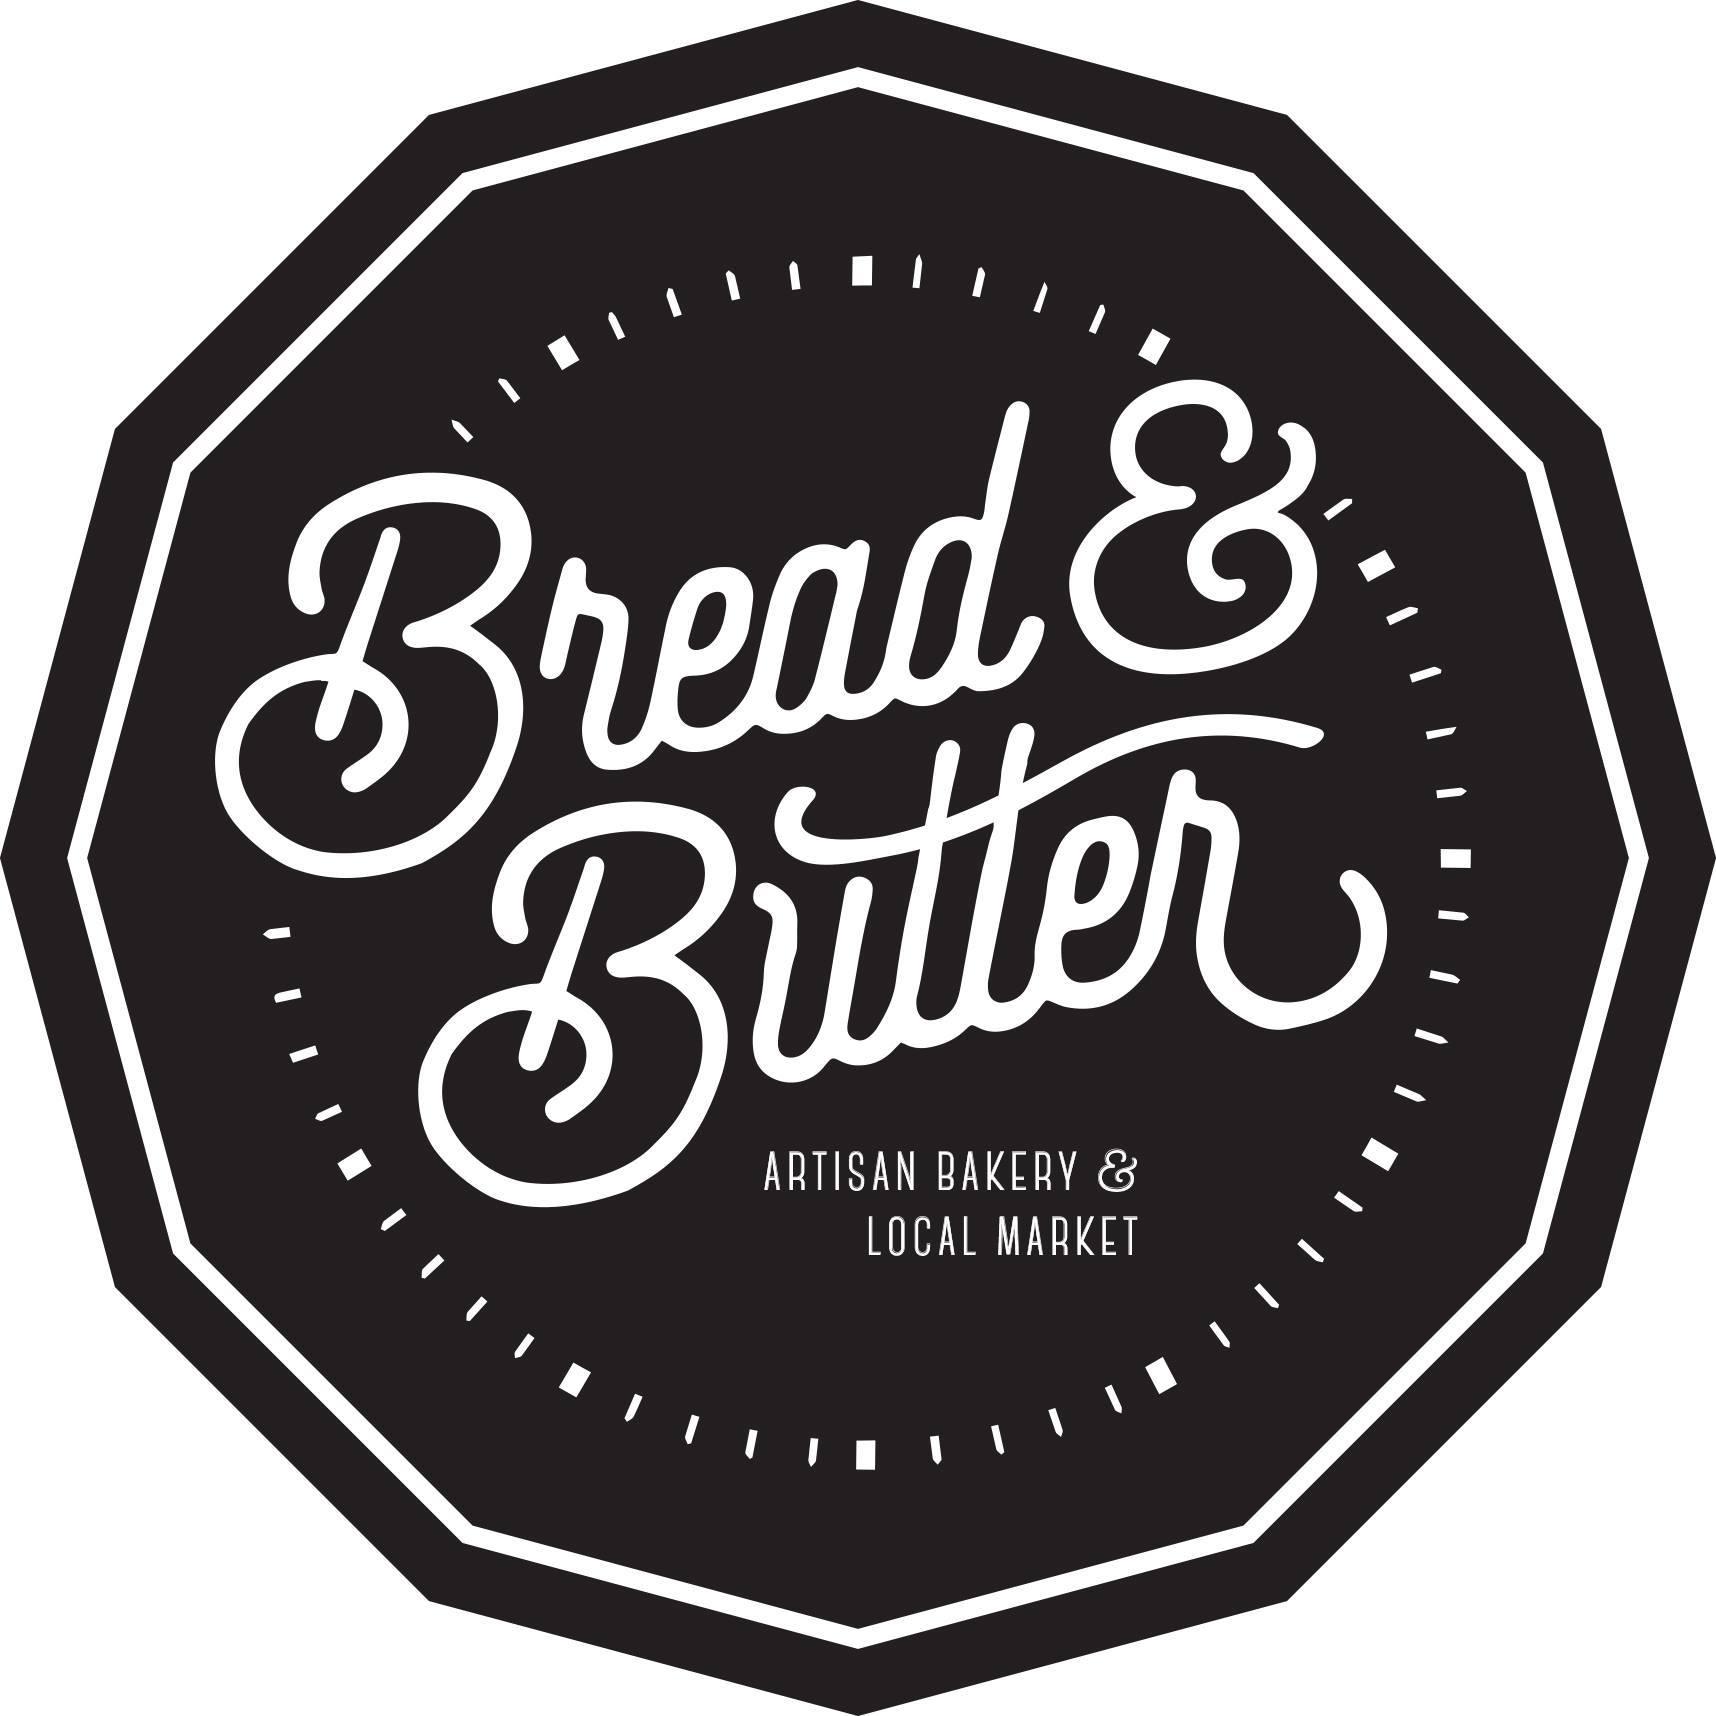 breadbutterlogo.jpg